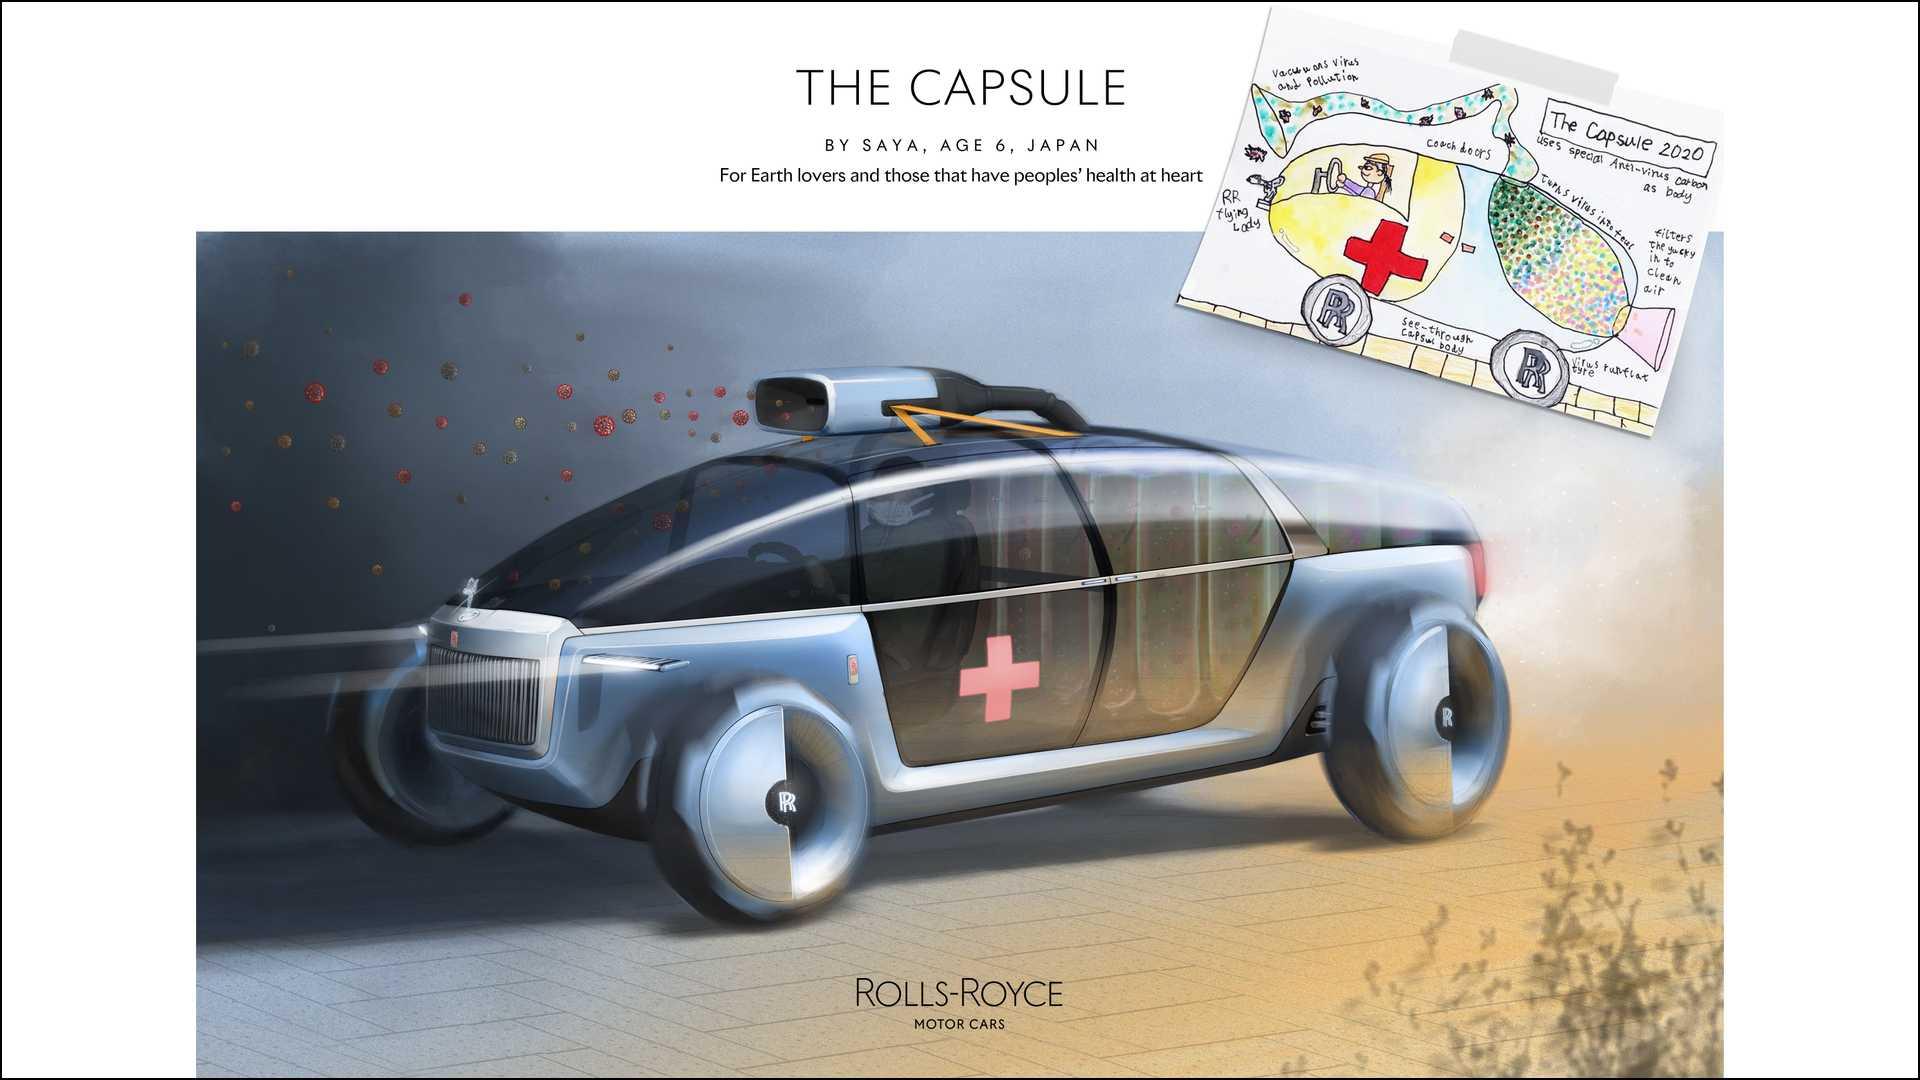 環境《勞斯萊斯膠囊》—— 來自日本的 6 歲青年設計師 Saya。